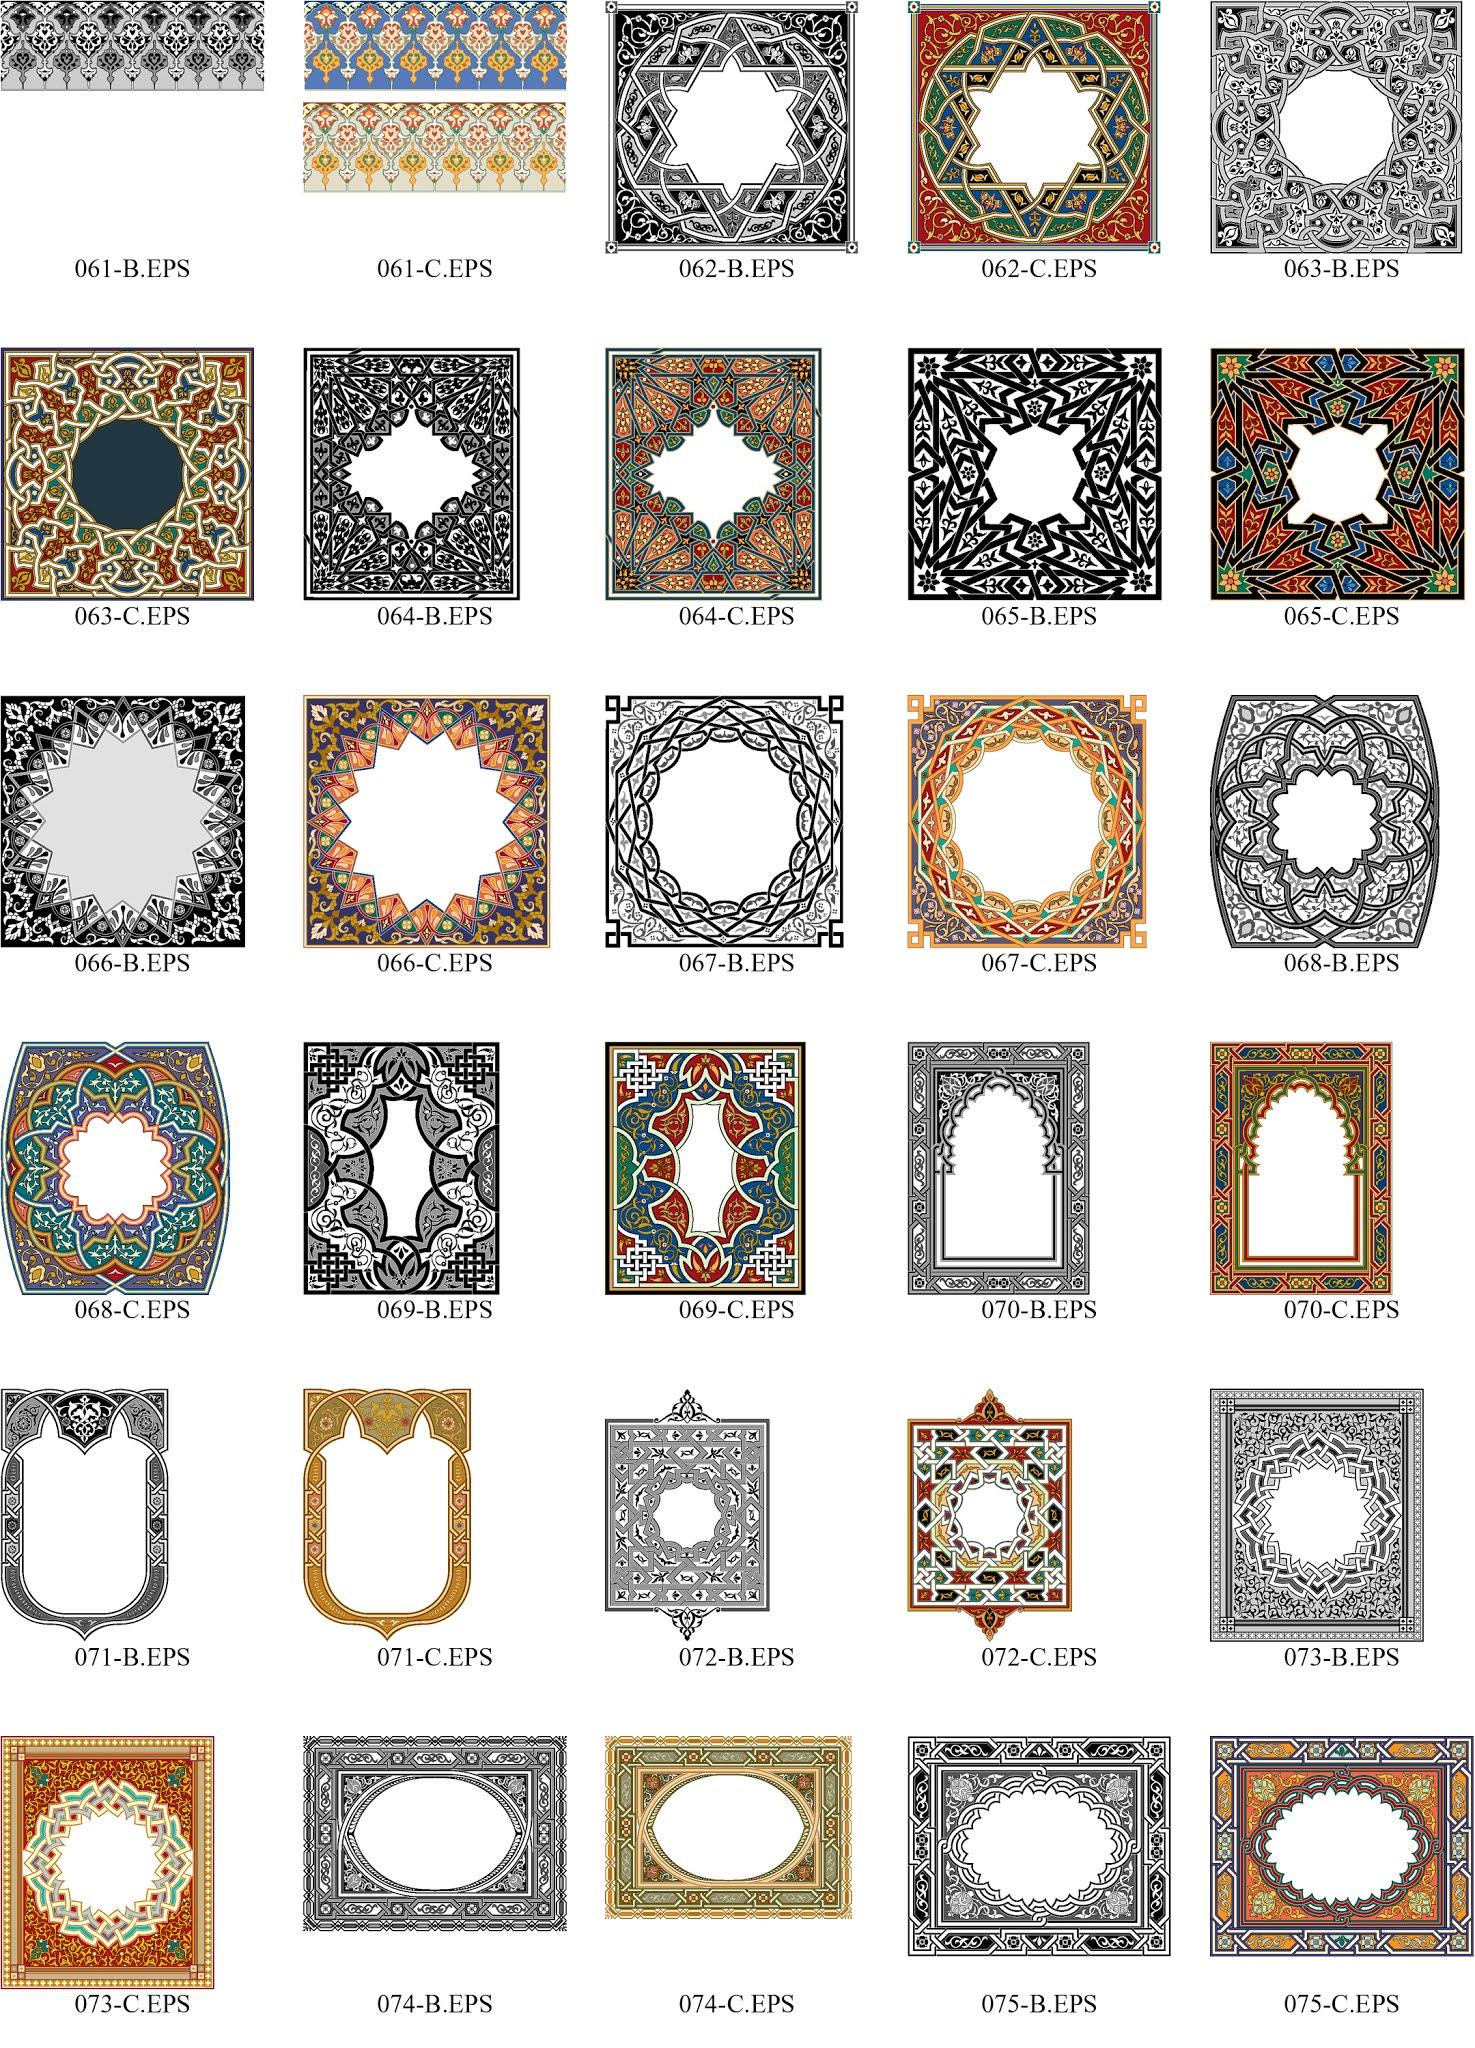 مجموعة كبيرة جدا من الزخارف والنقوش الاسلامية باعلى جودة